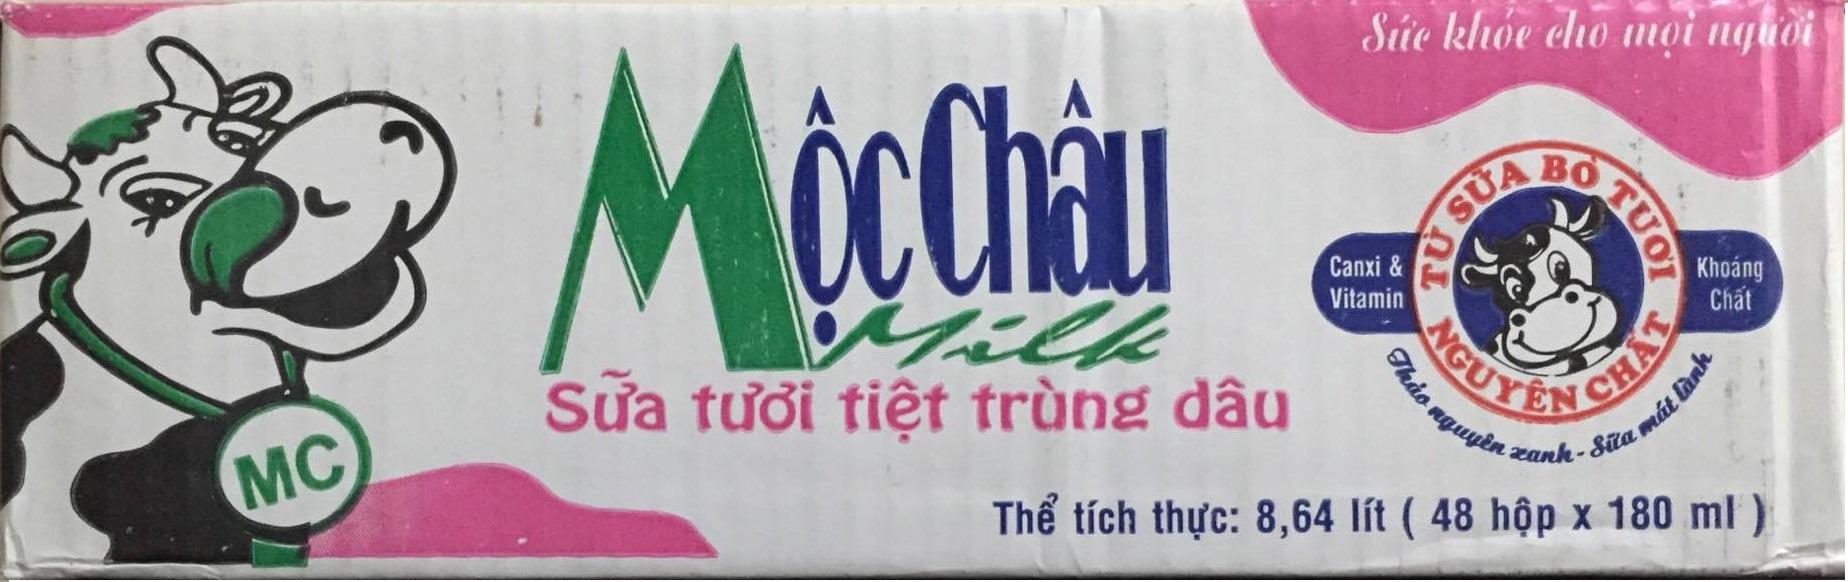 Sữa tươi tiệt trùng hương Dâu Mộc châu - Thùng 48 hộp x 180ml